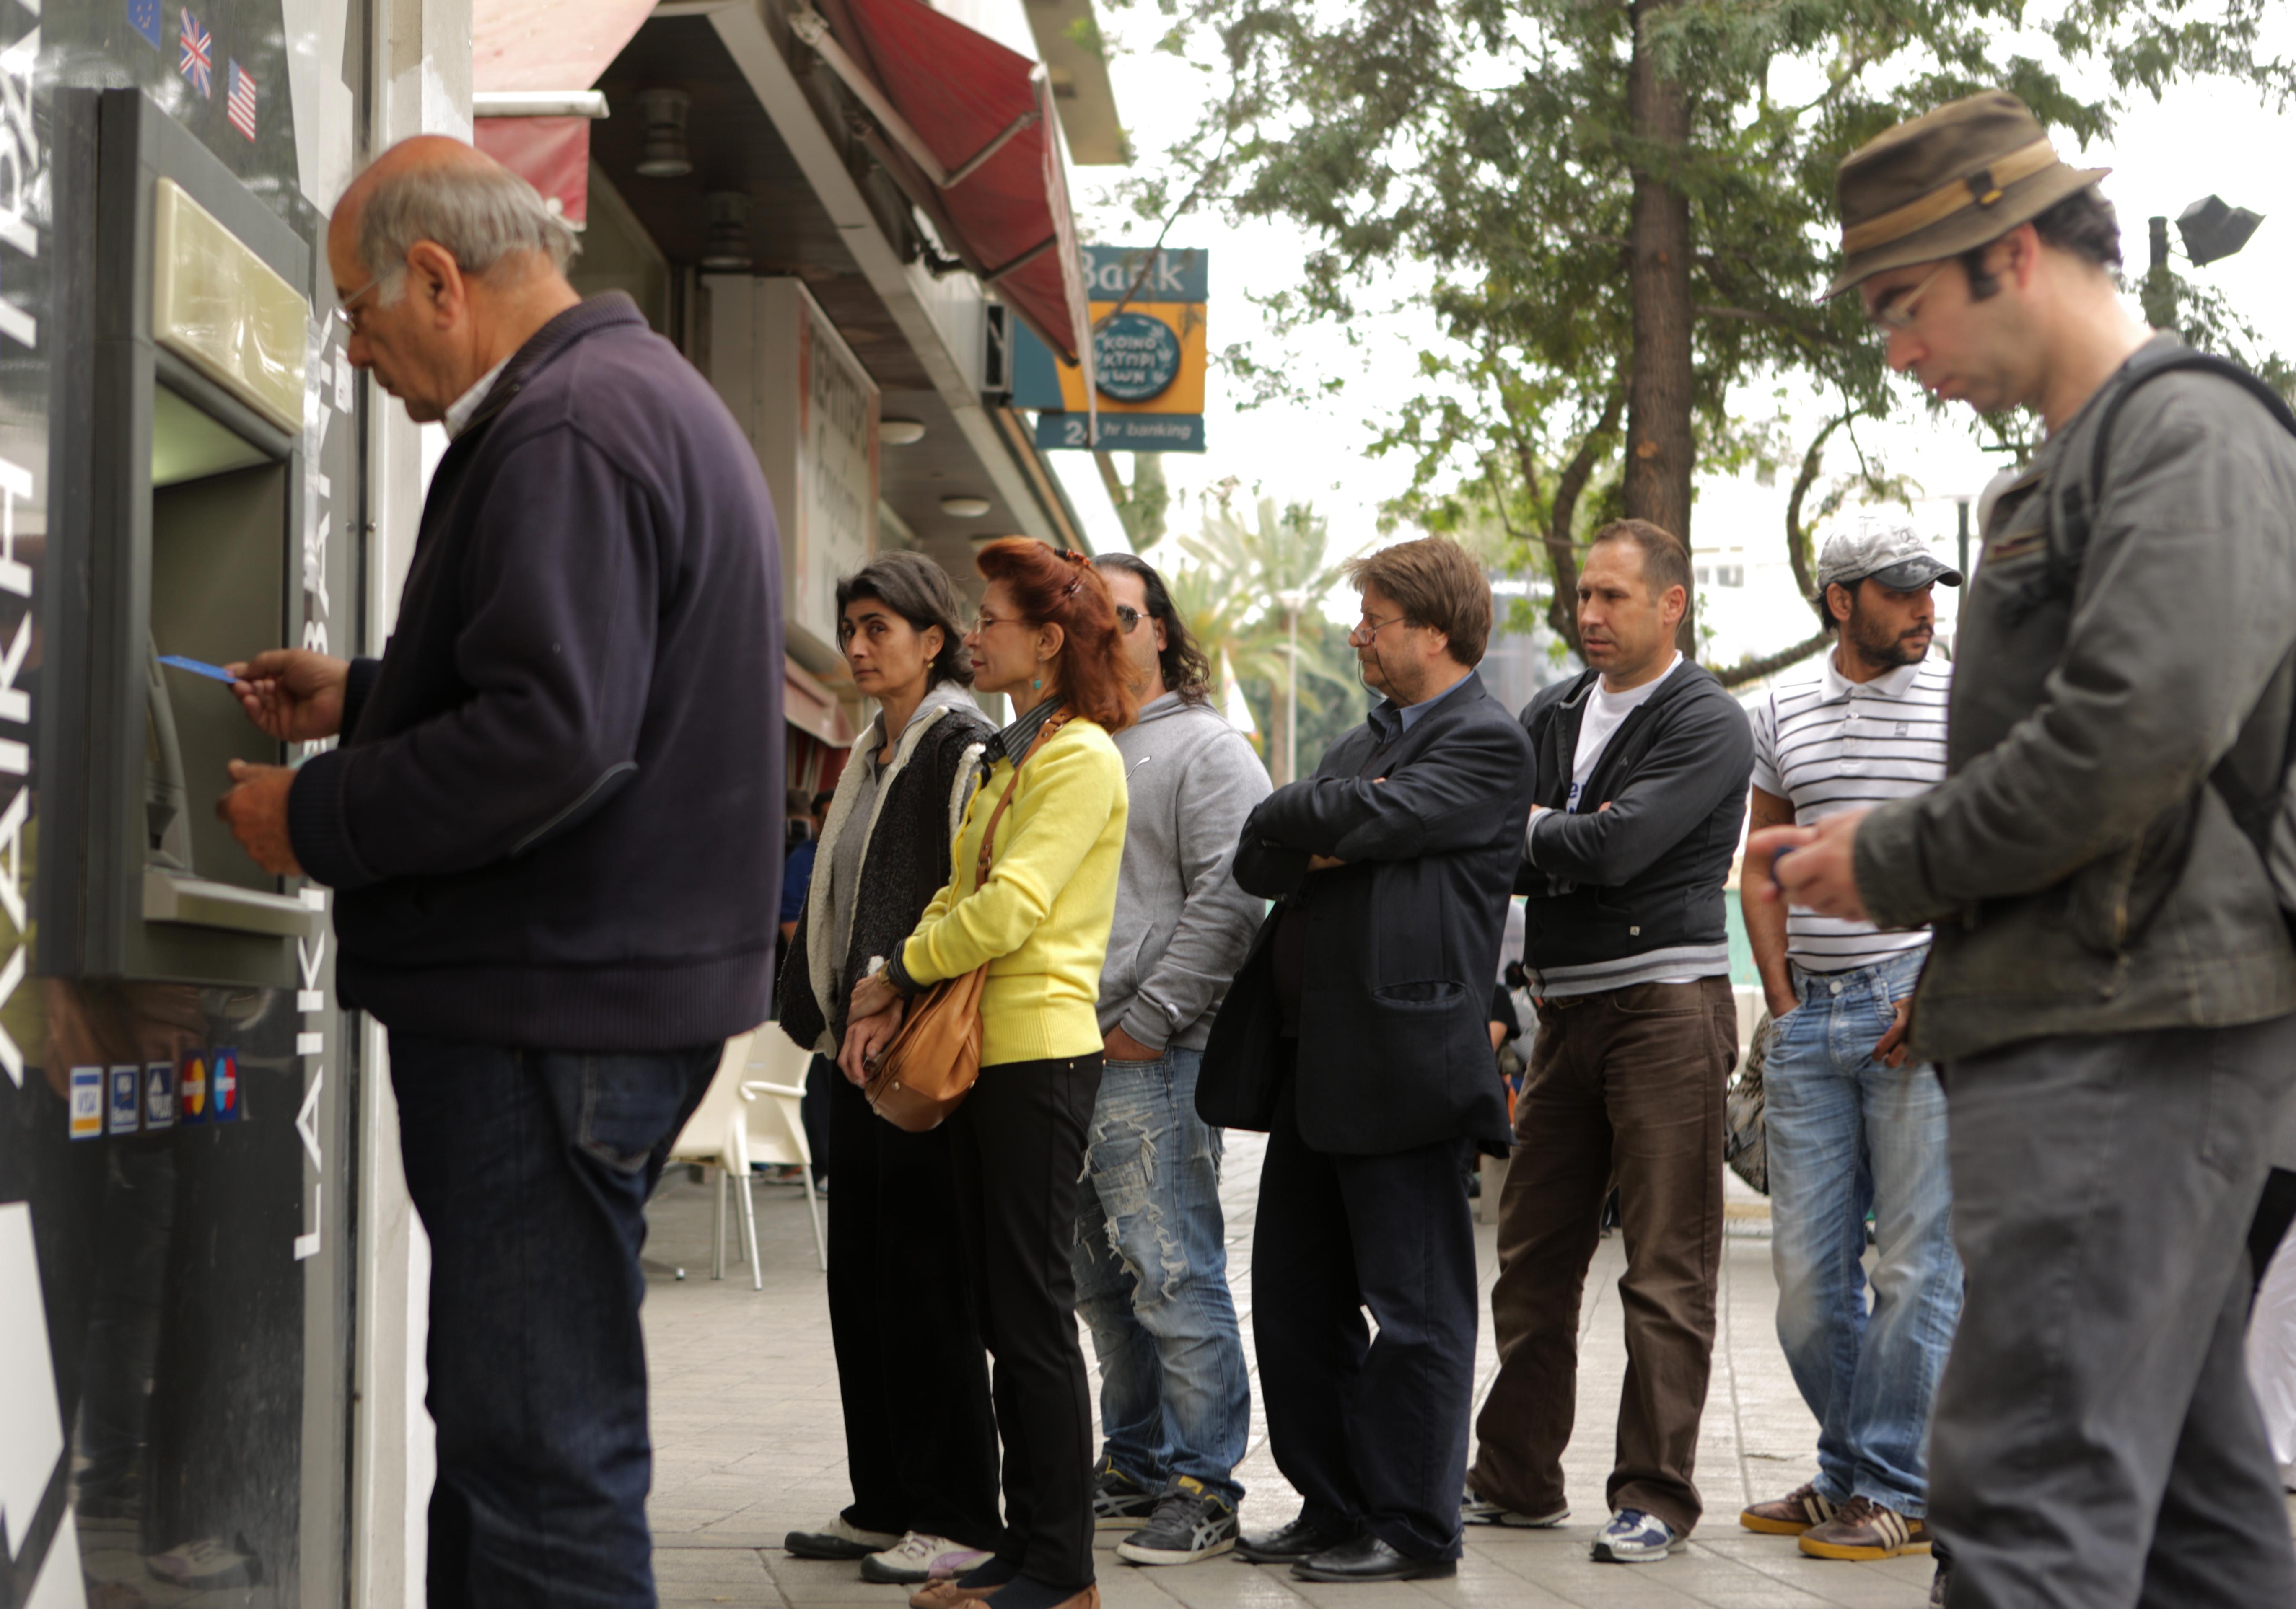 Es ist unsicher, ob die Banken am Montag öffnen – sagt die EZB zu Griechenland